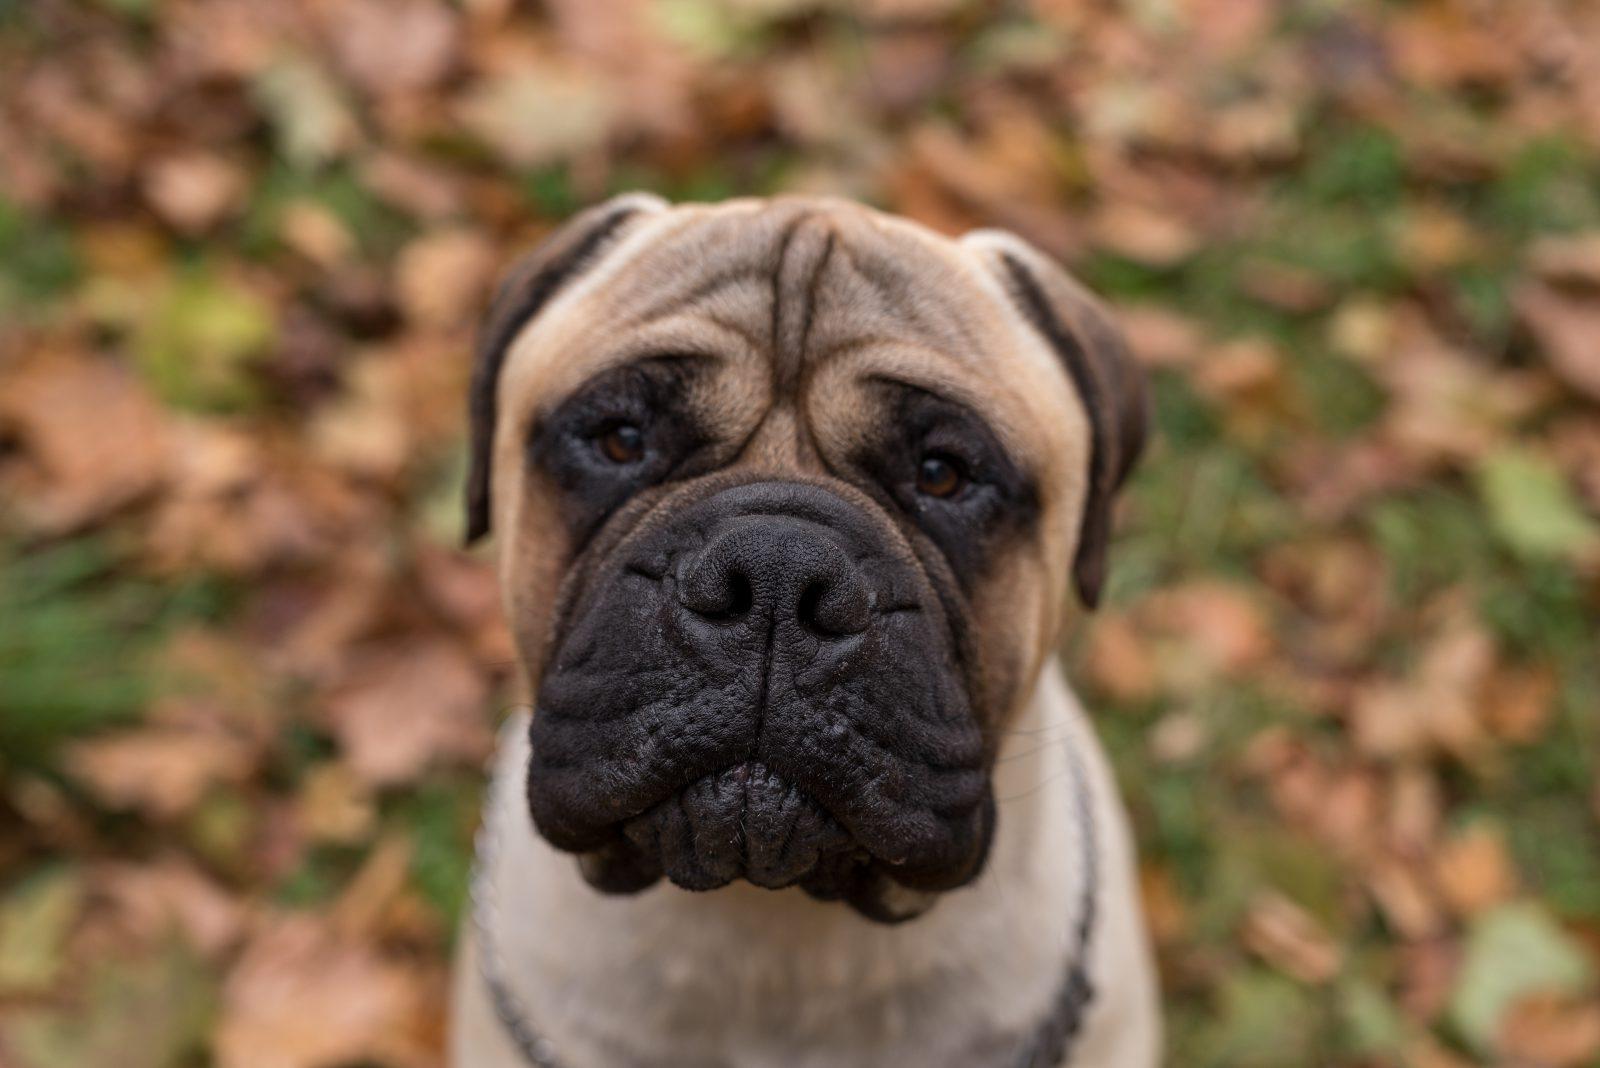 Cachorro latindo: Bulmastife no jardim em meio as folhas de outono.